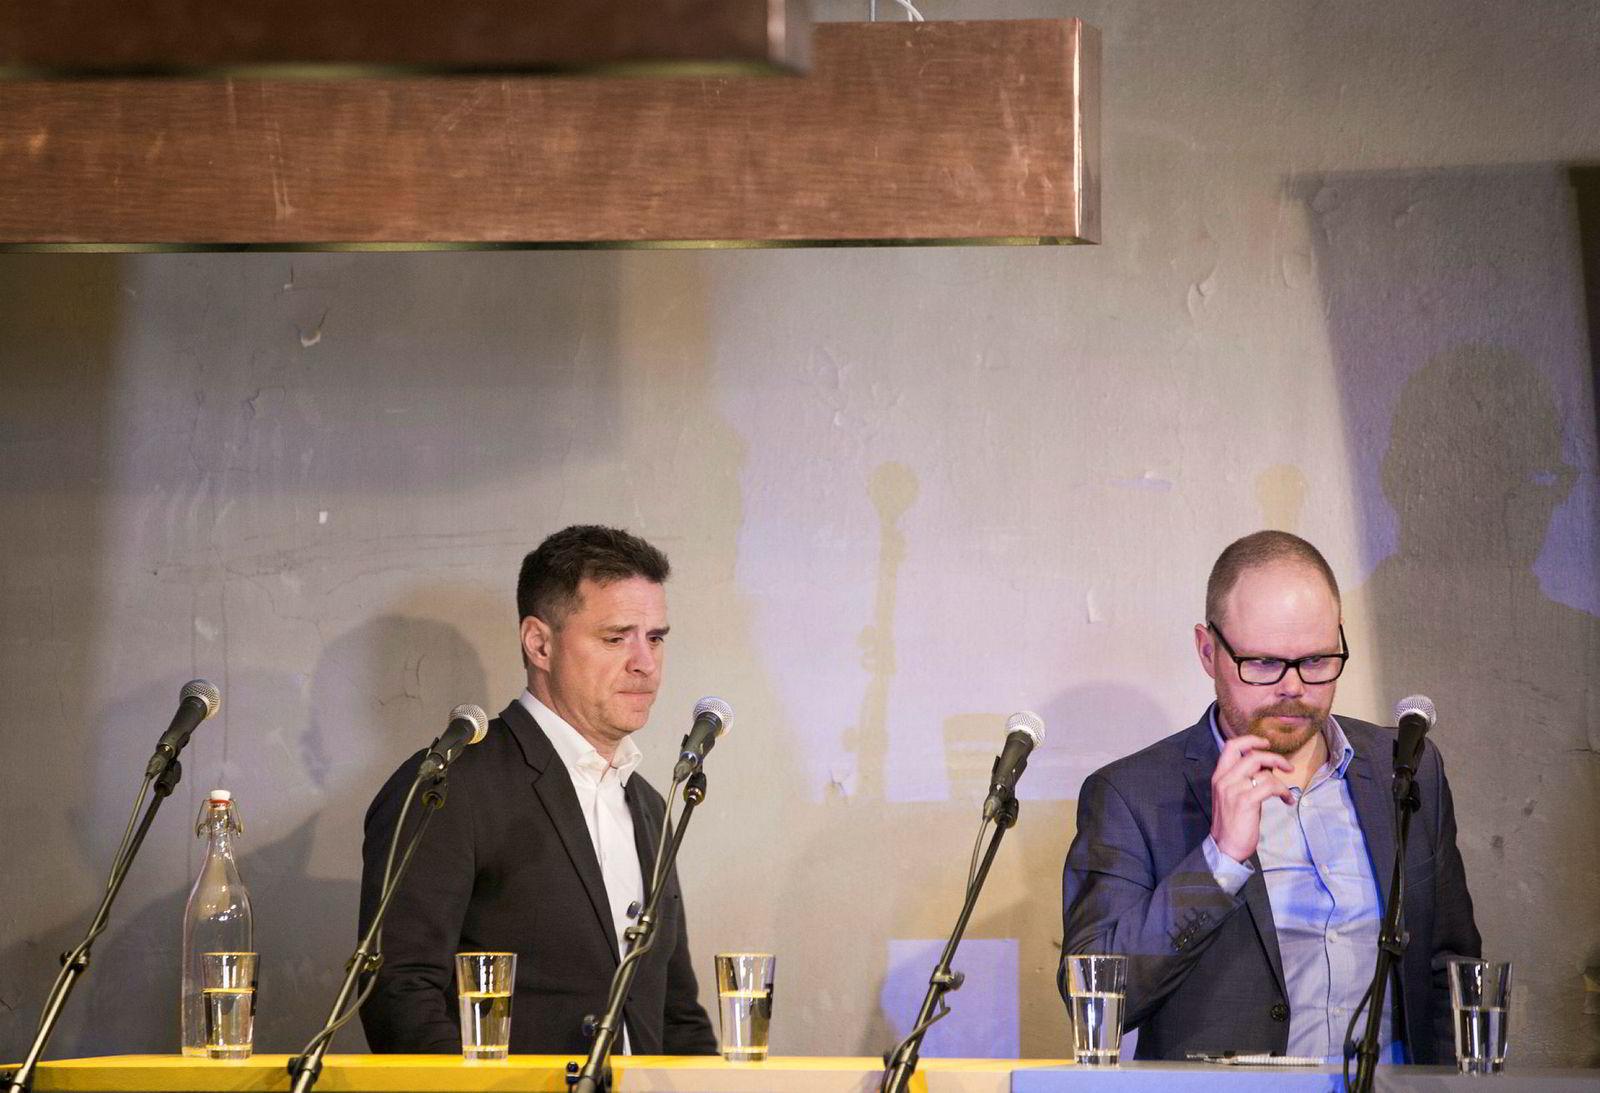 Oslo Journalistlag arrangerer debatt om seksuell trakassering i mediebransjen, på Brygg i Storgata, i kjølvannet av kampanjen #metoo. Blant deltagerne er sjefredaktør Espen Egil Hansen i Aftenposten og sjefredaktør Gard Steiro i VG.